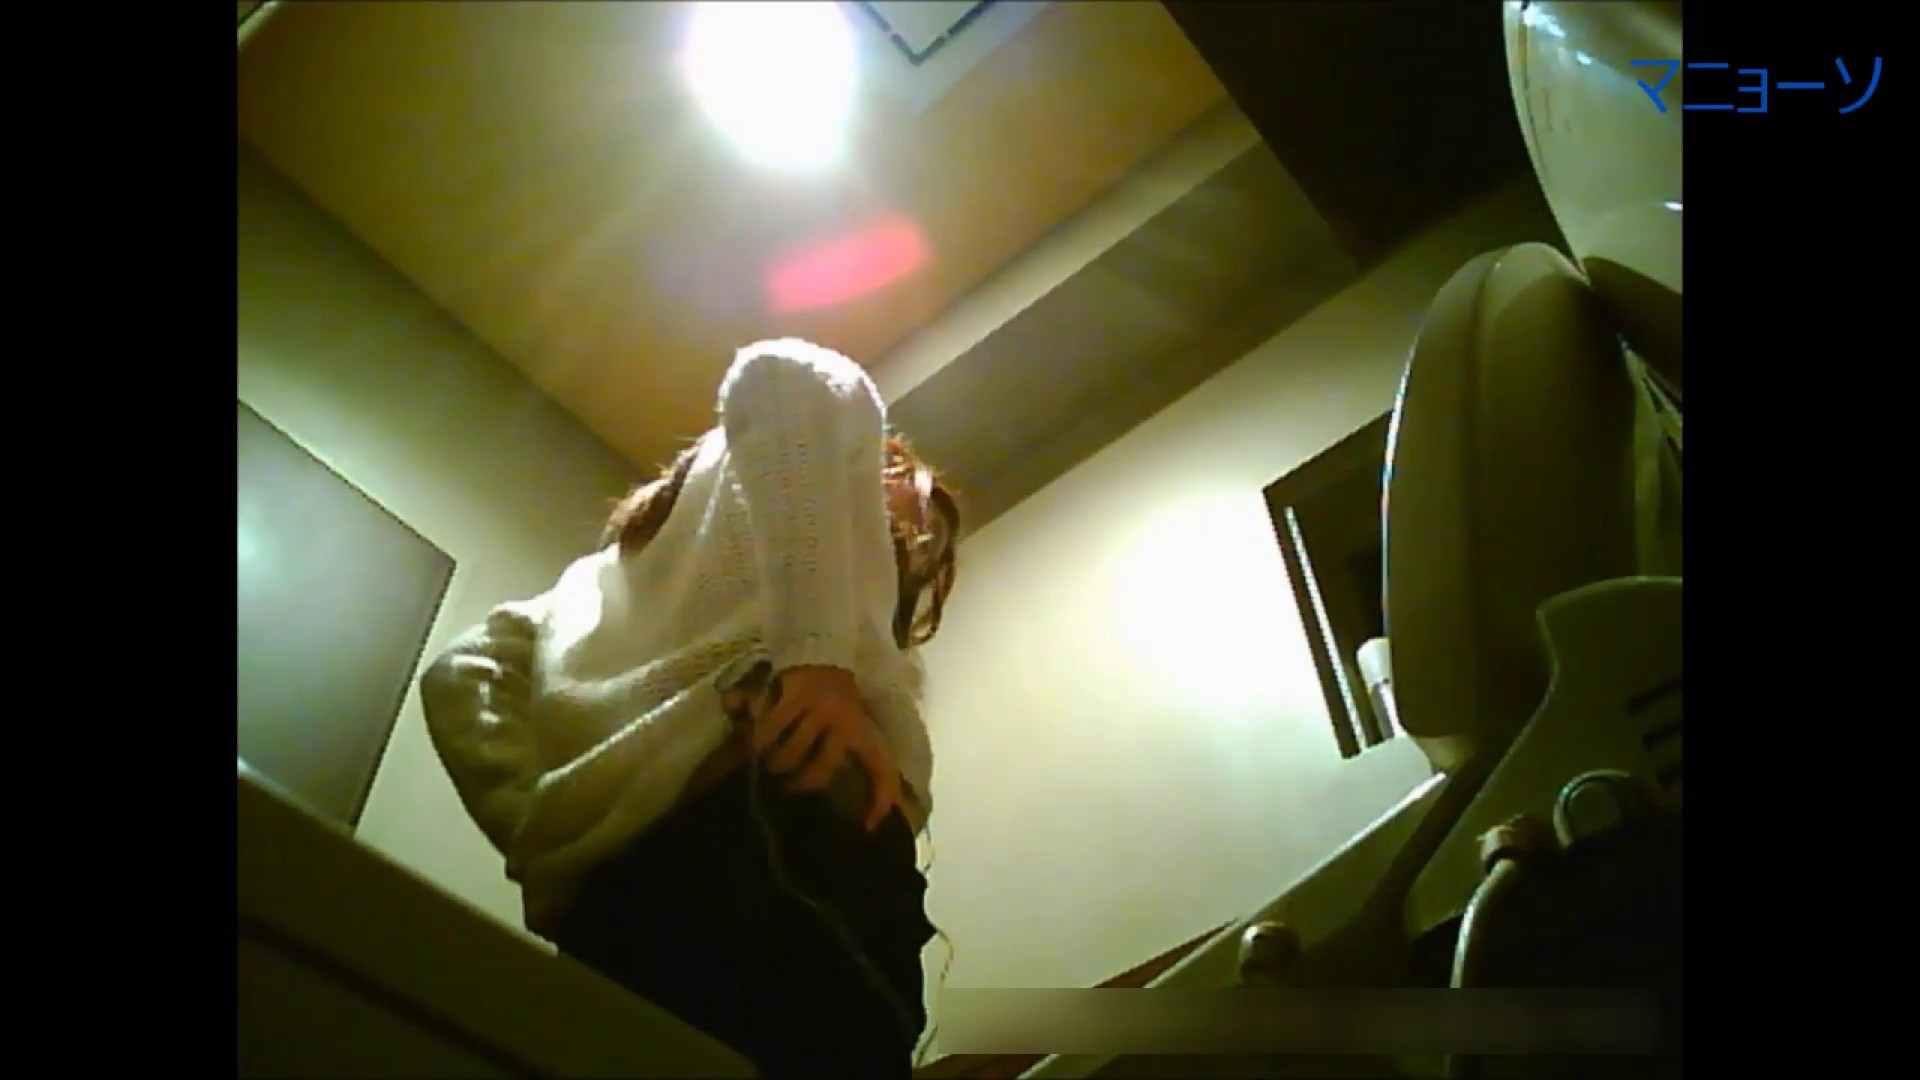 トイレでひと肌脱いでもらいました (JD編)Vol.01 トイレ | OLの実態  53pic 5